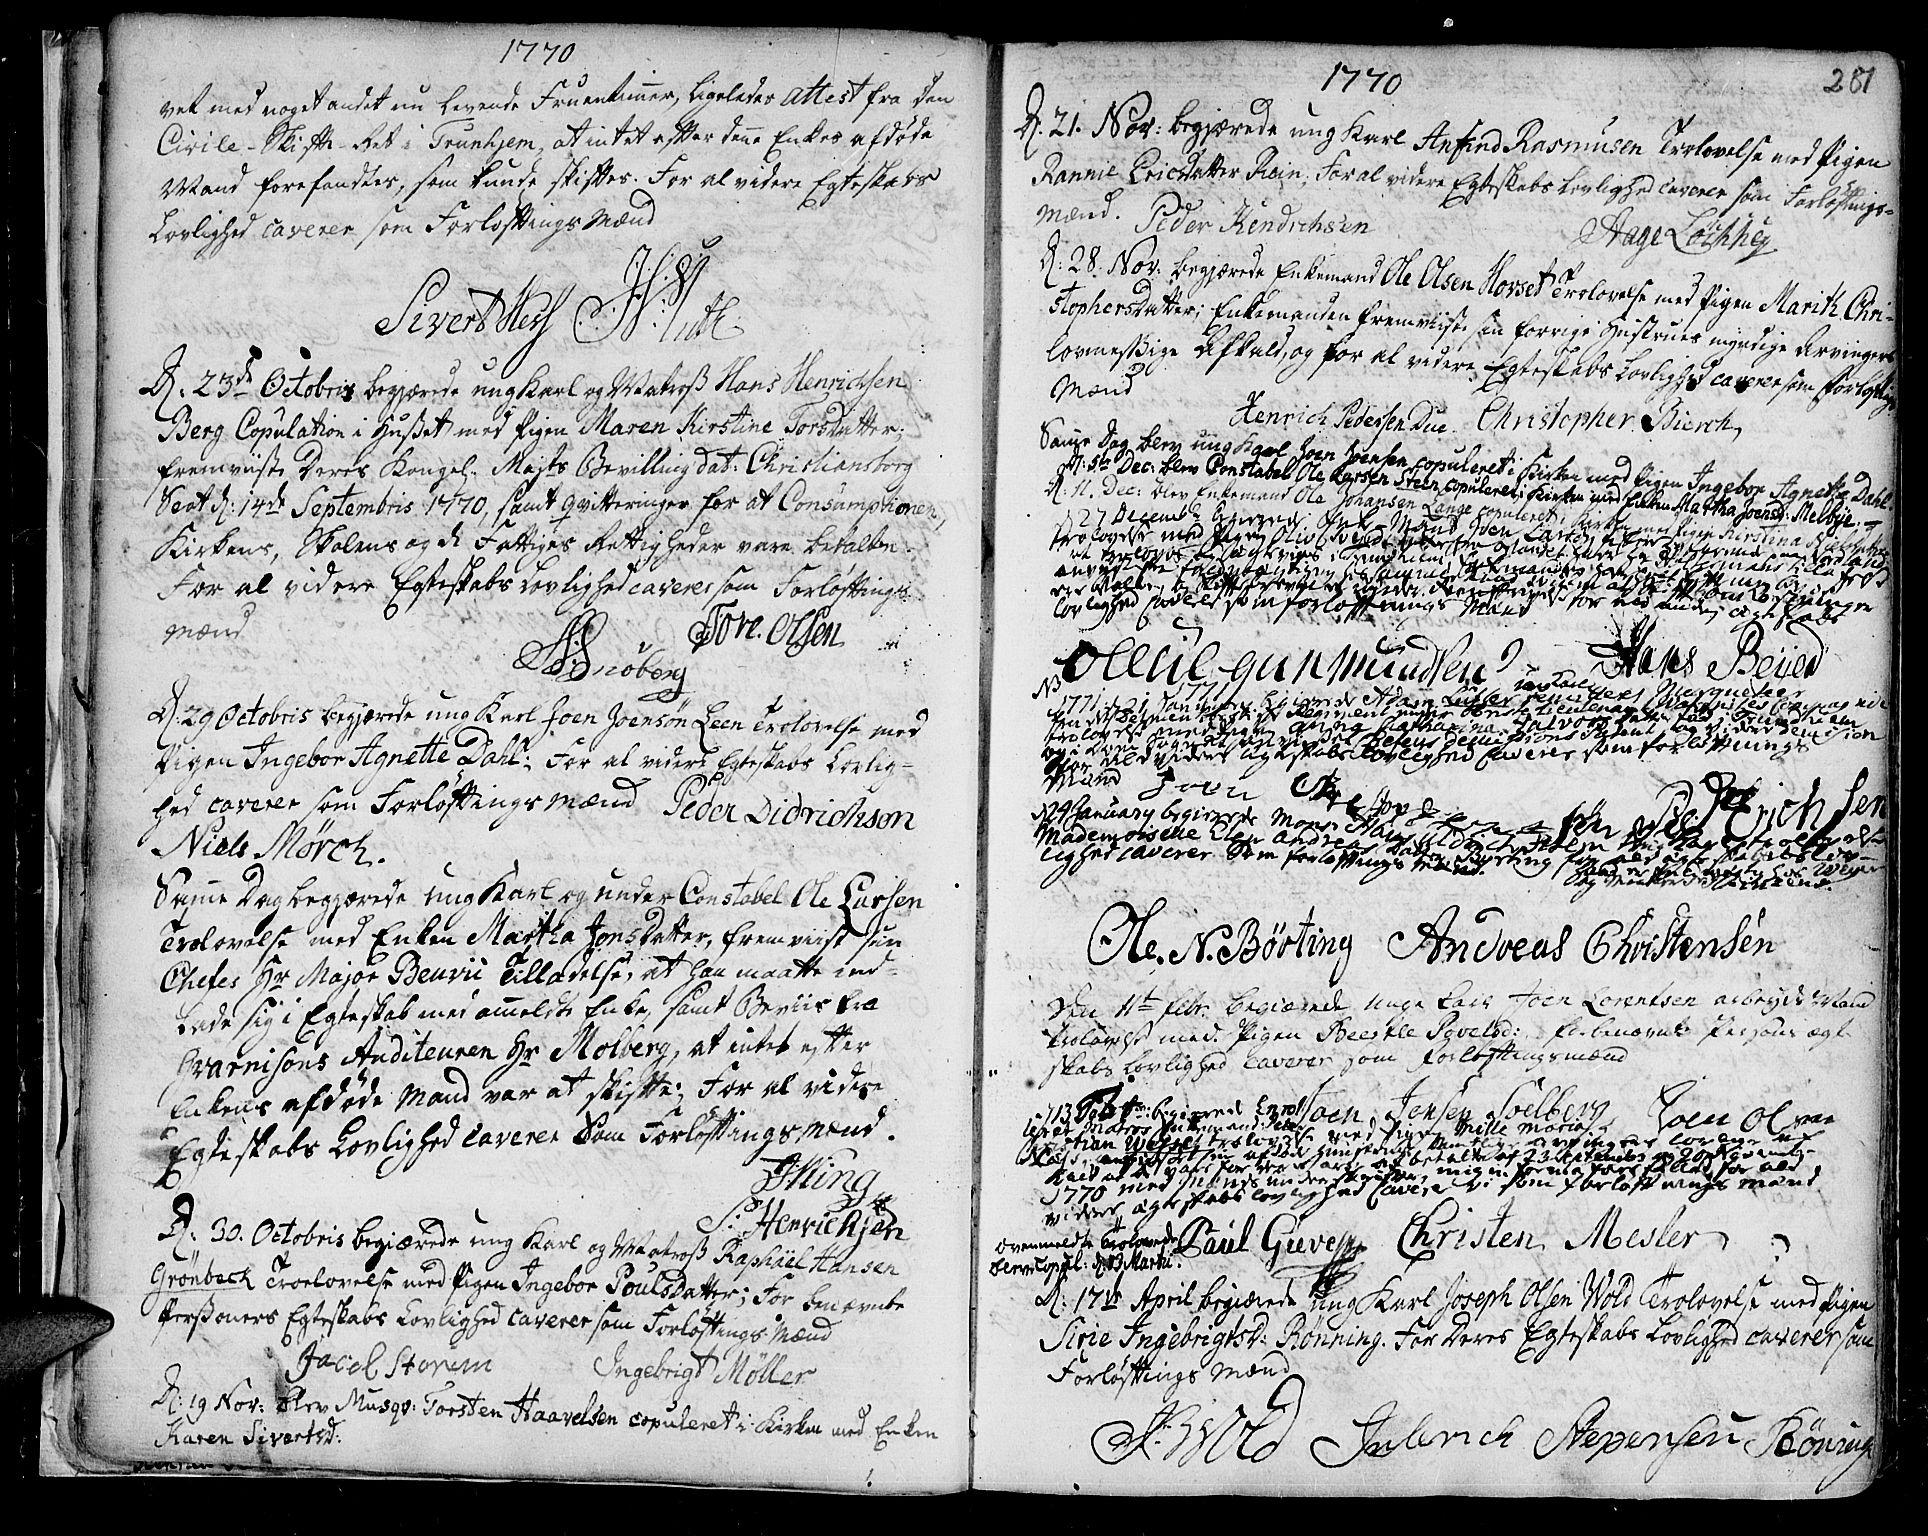 SAT, Ministerialprotokoller, klokkerbøker og fødselsregistre - Sør-Trøndelag, 601/L0038: Ministerialbok nr. 601A06, 1766-1877, s. 281